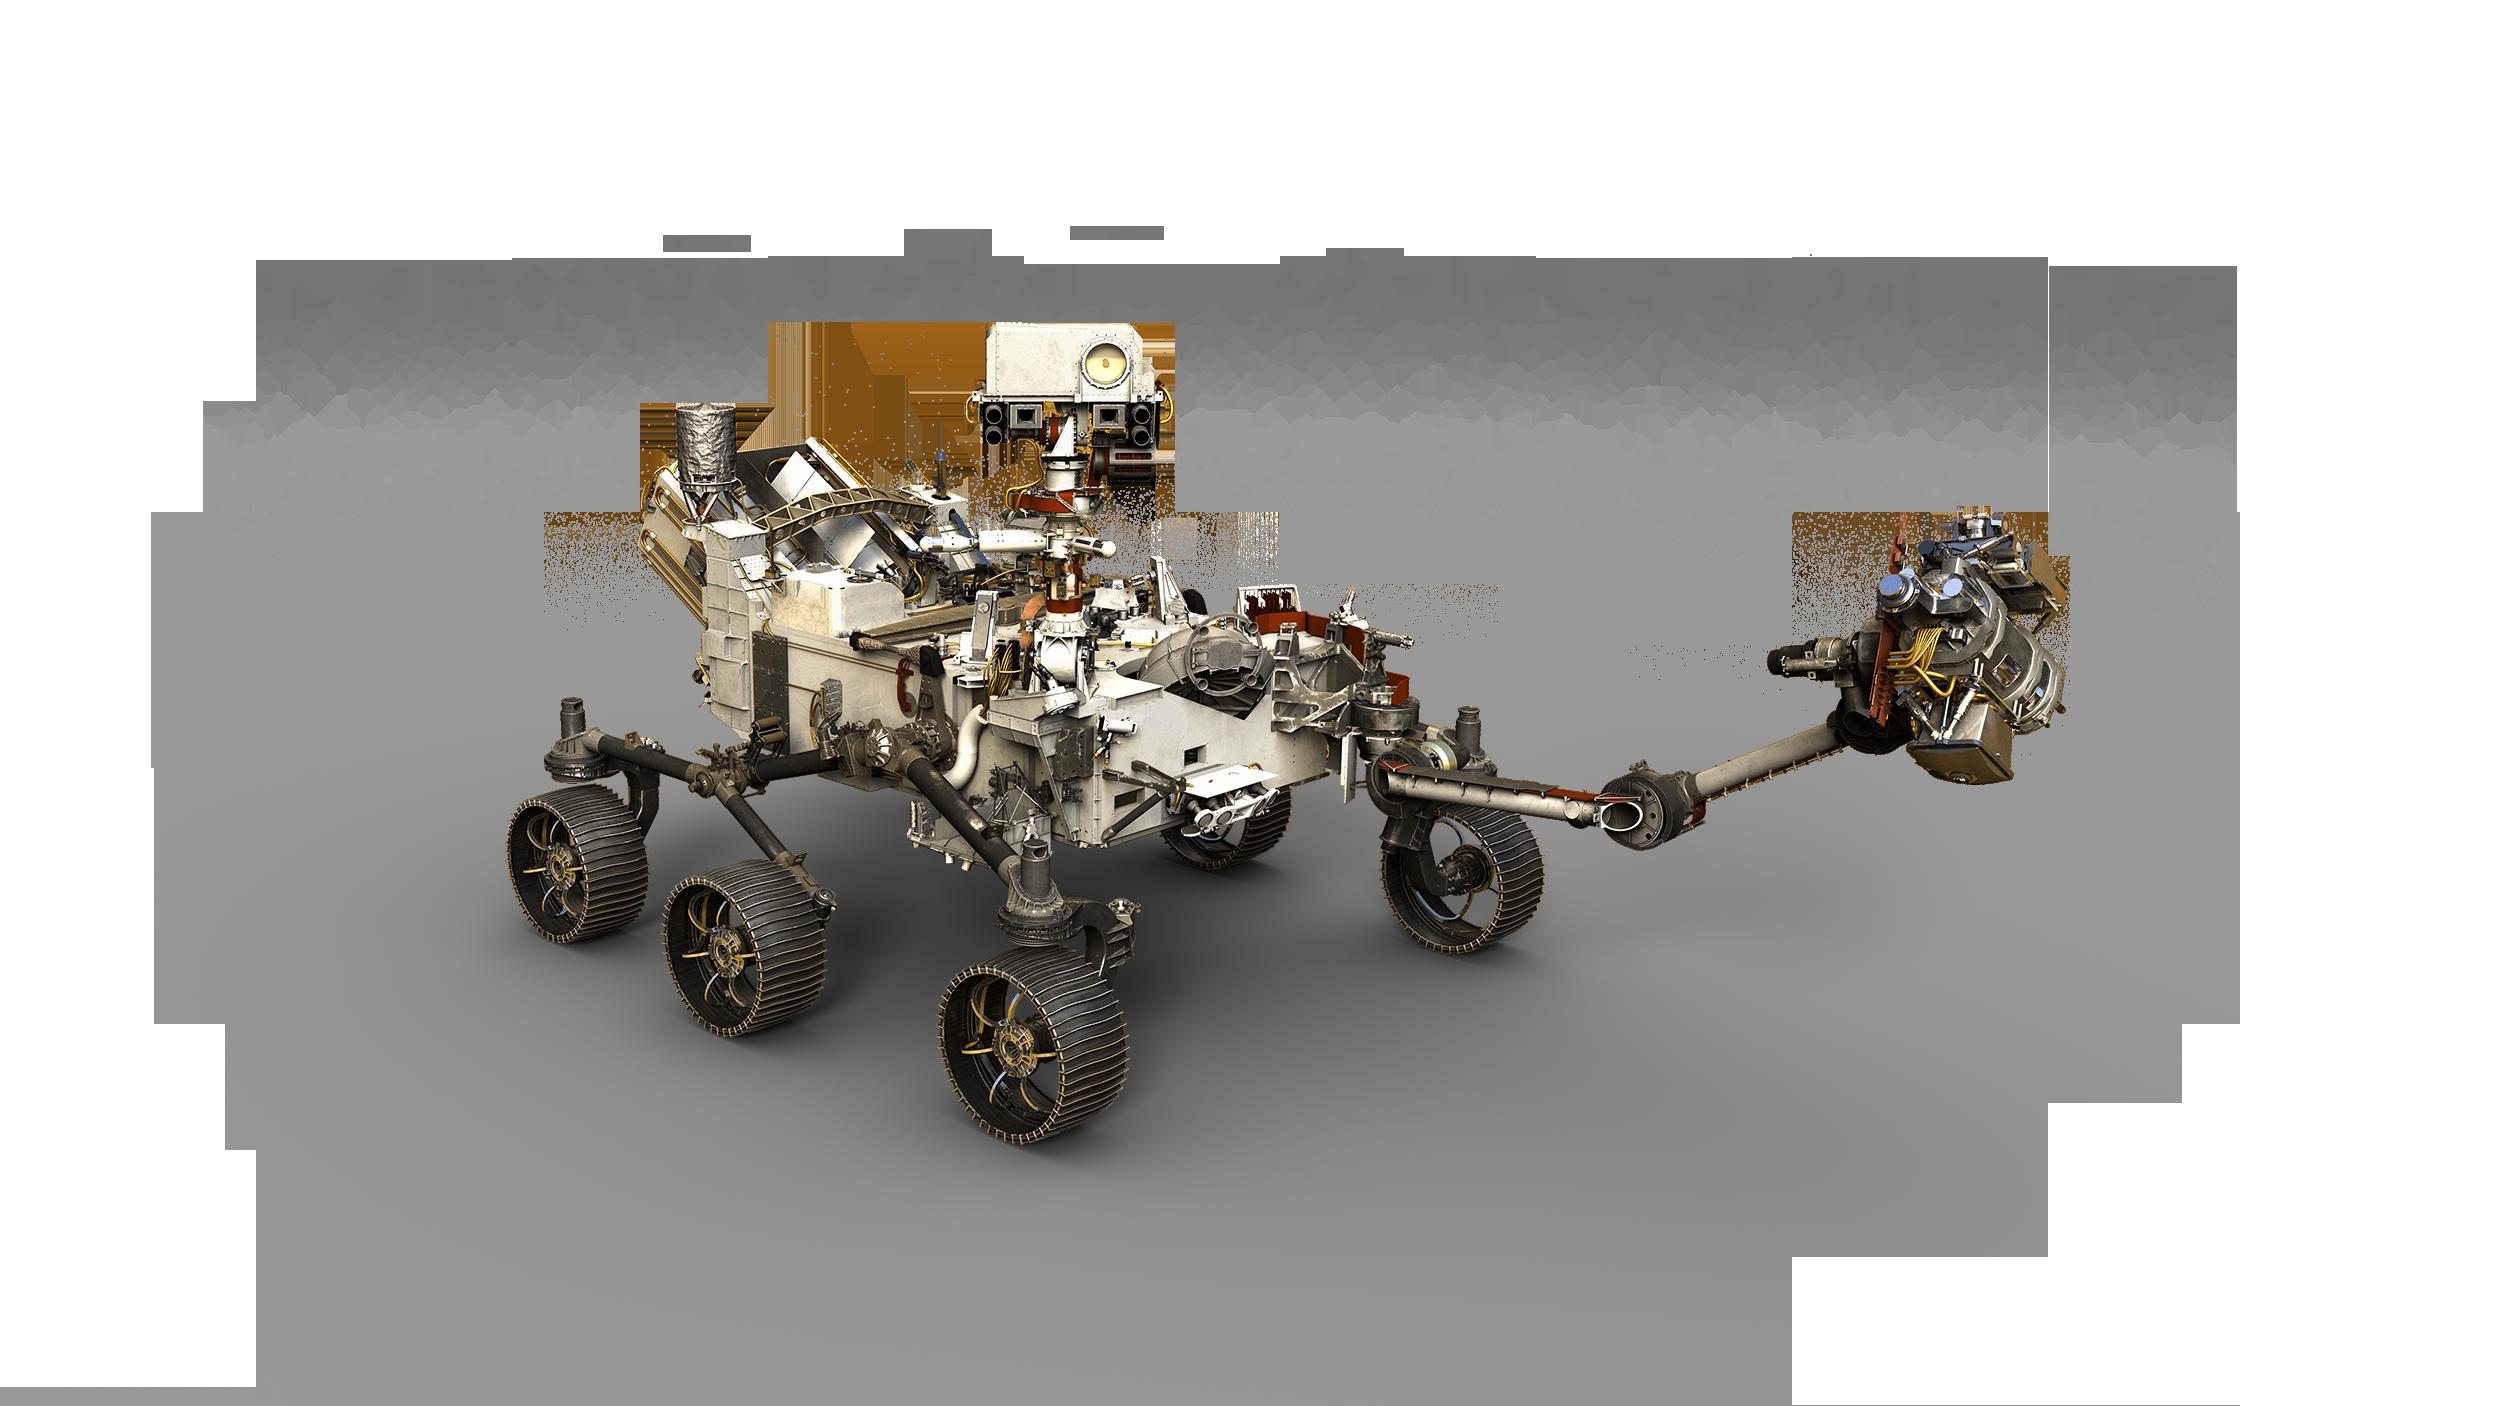 nasa mars rover opportunity - photo #22